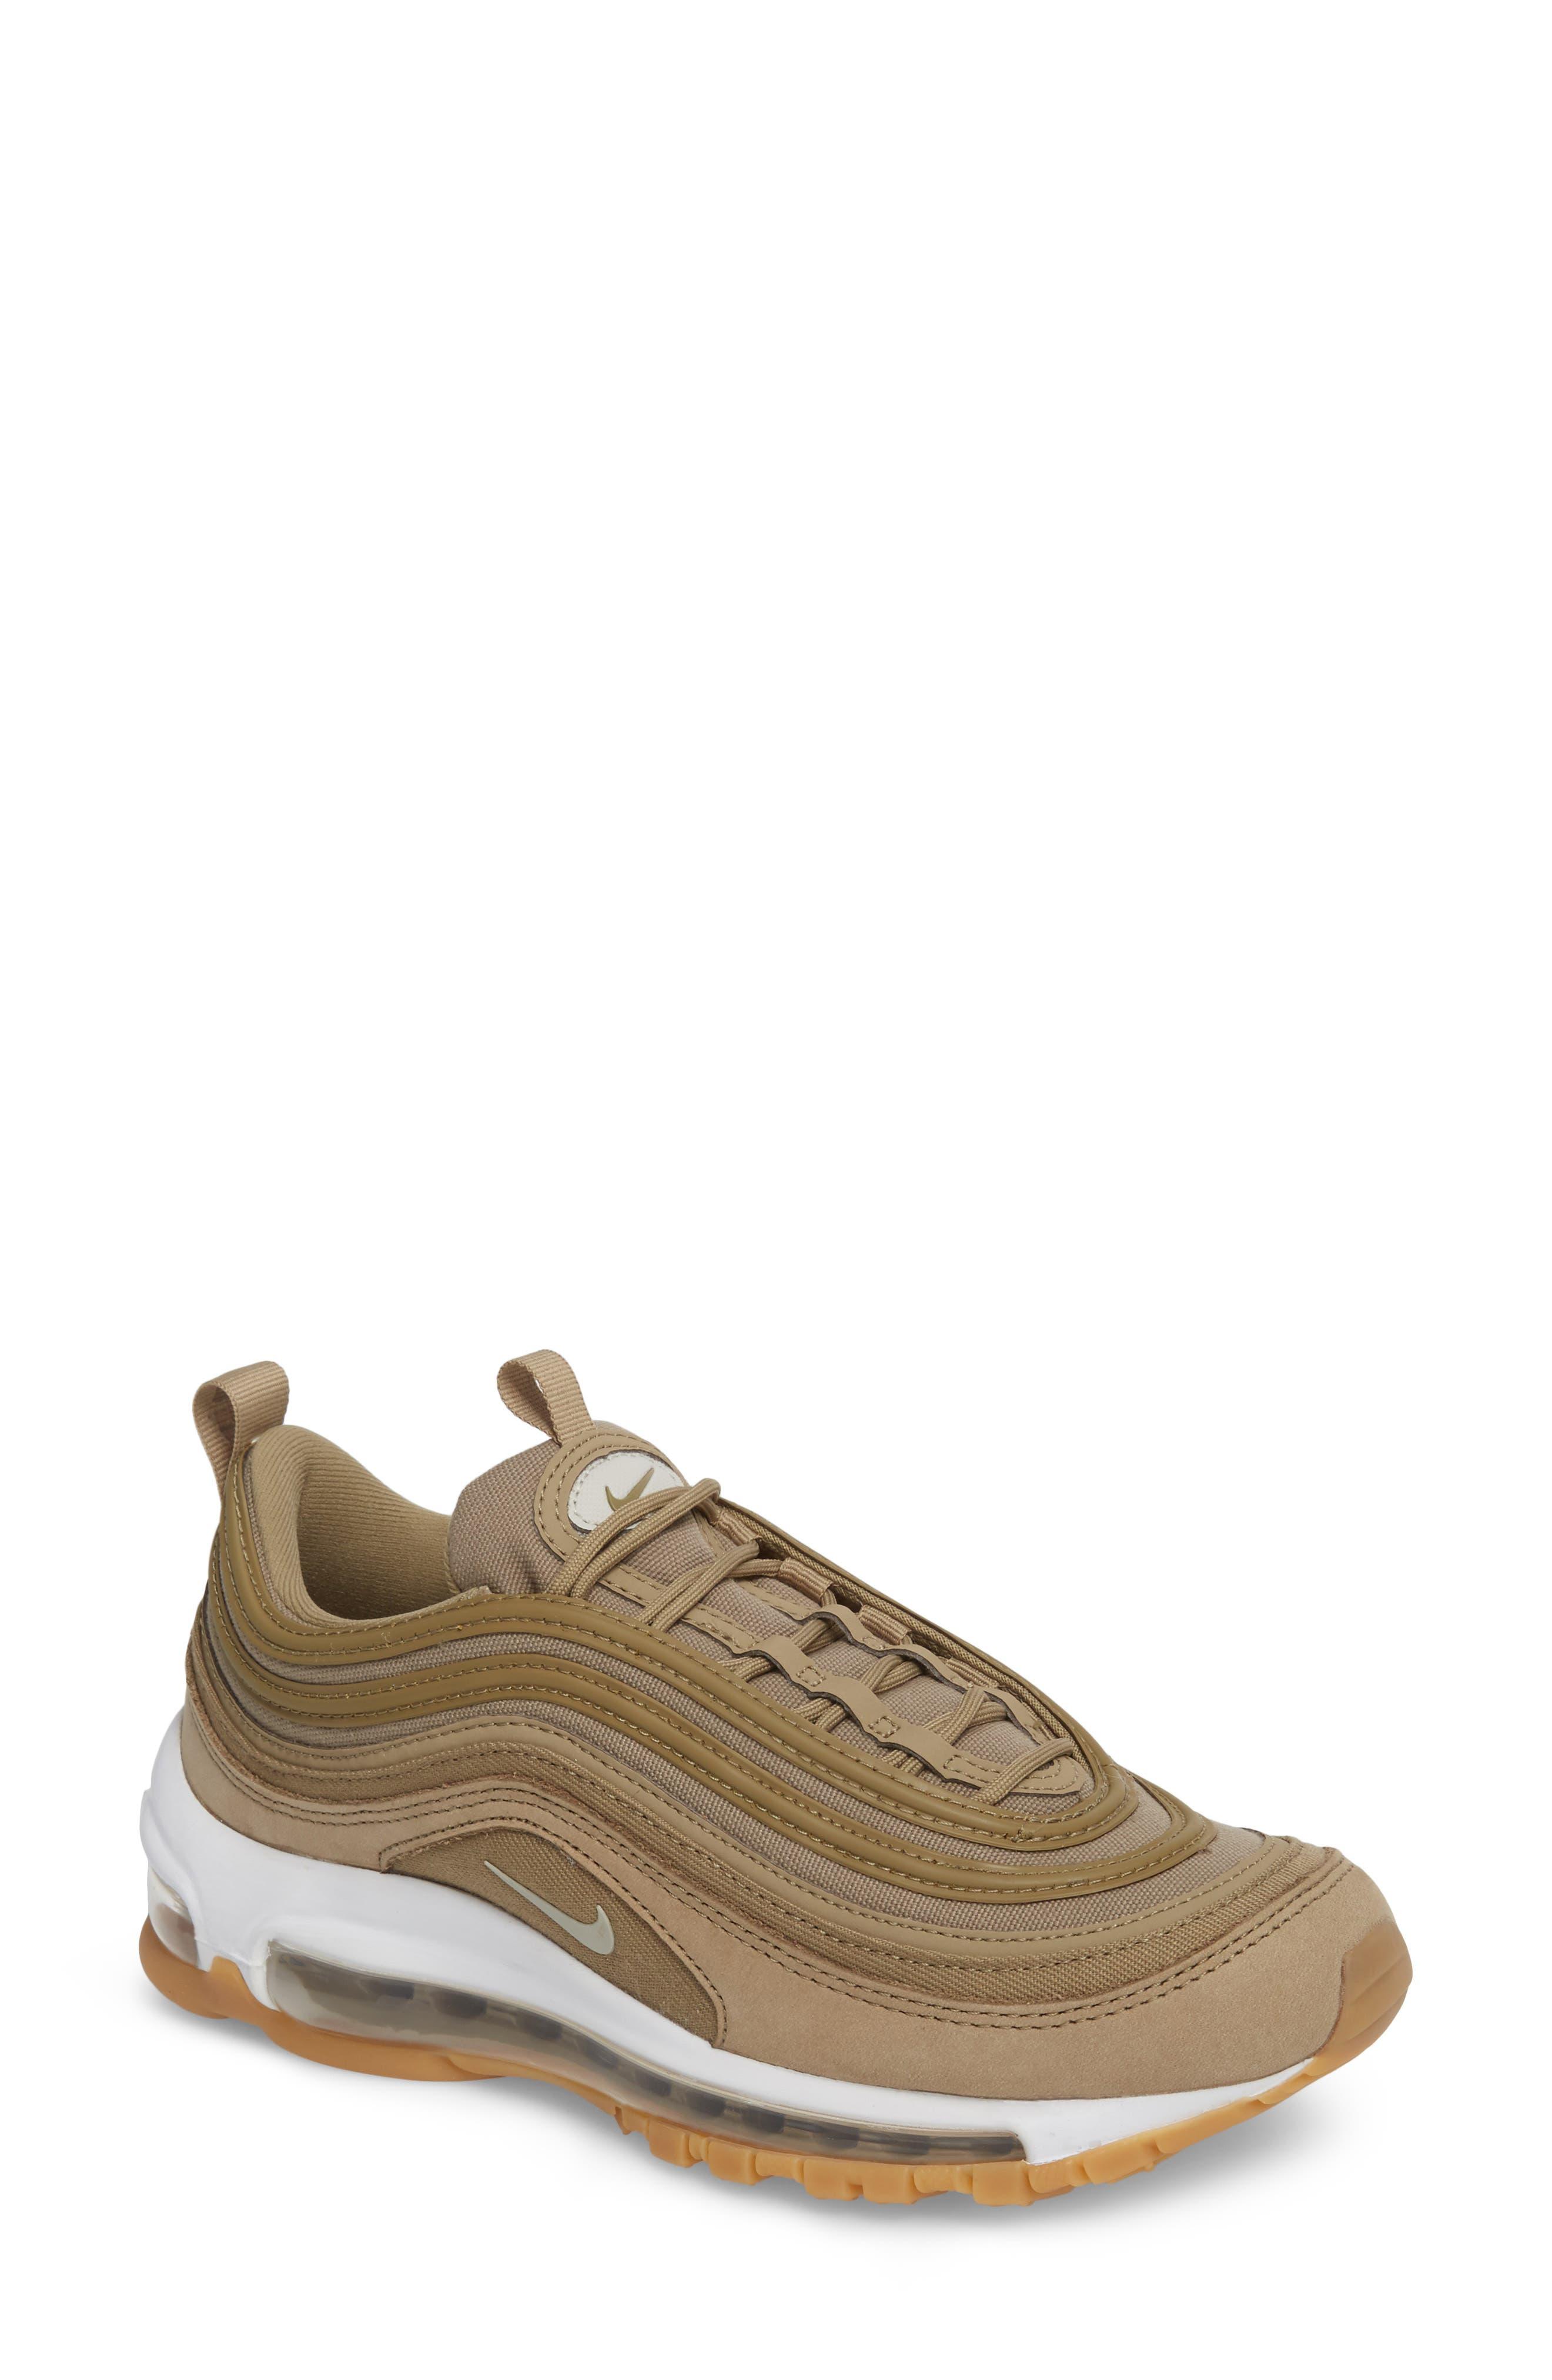 Air Max 97 UT Sneaker,                             Main thumbnail 1, color,                             255